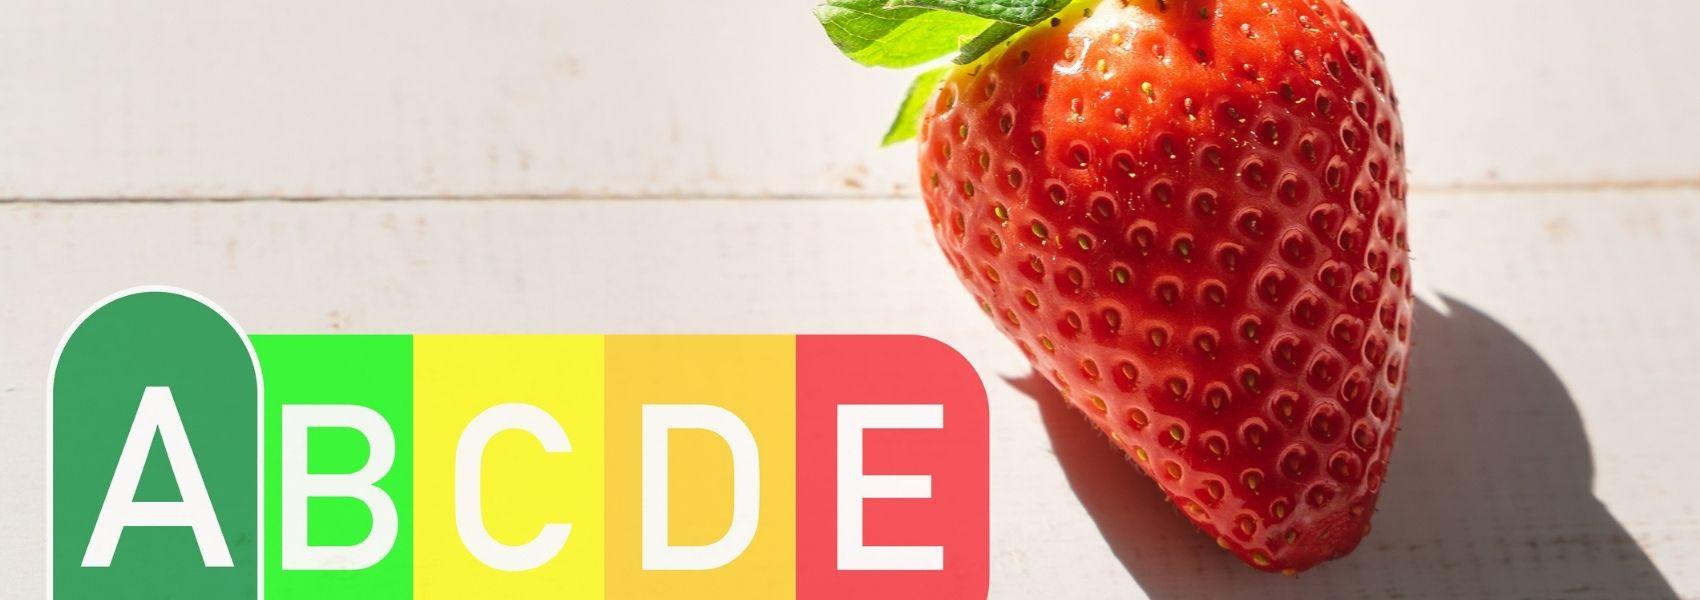 DECO quer que Parlamento recomende adoção de Nutri-Score